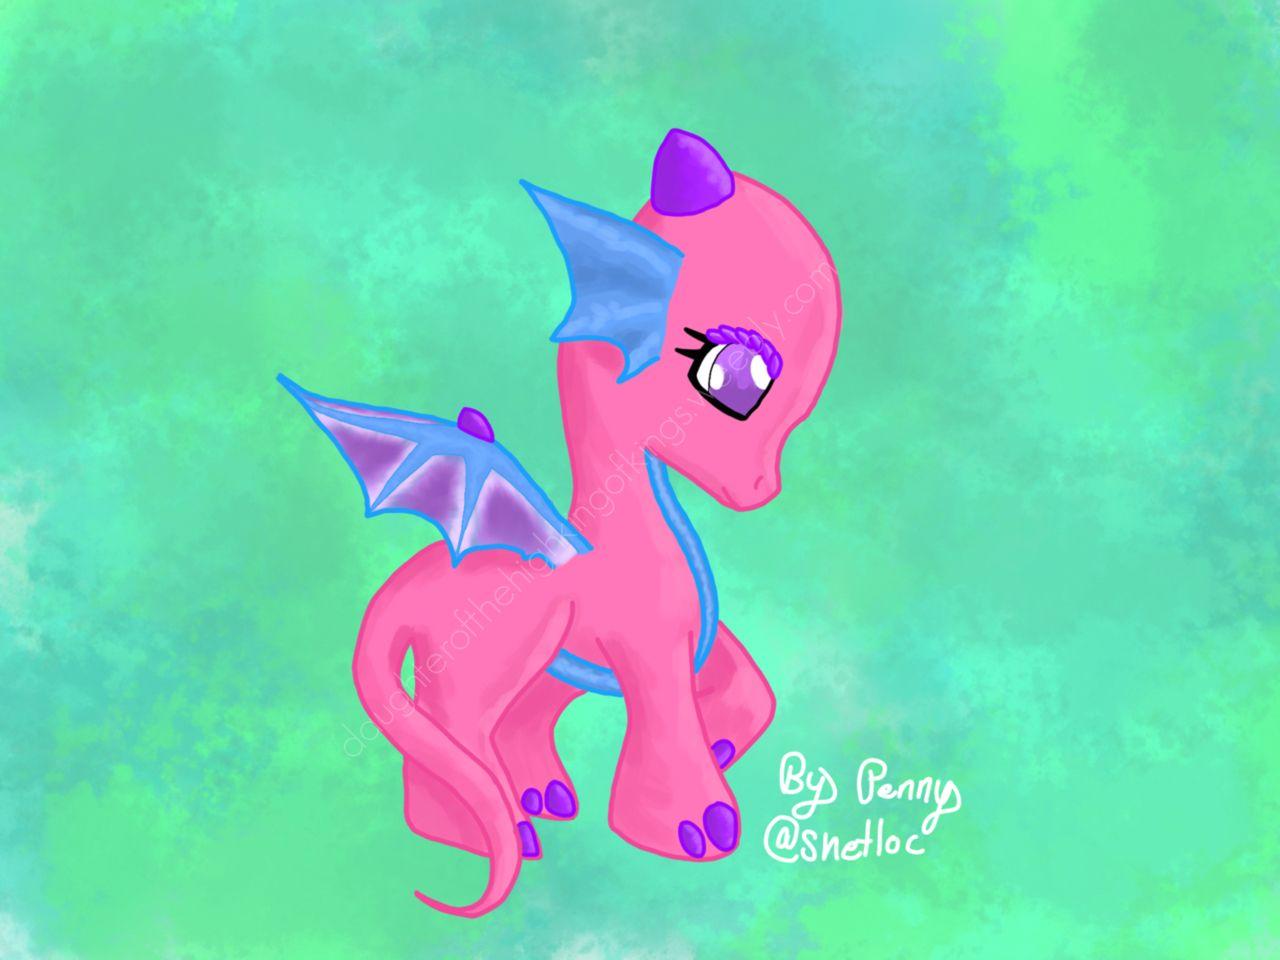 A MLP dragon! Drawn by Penny @snetloc